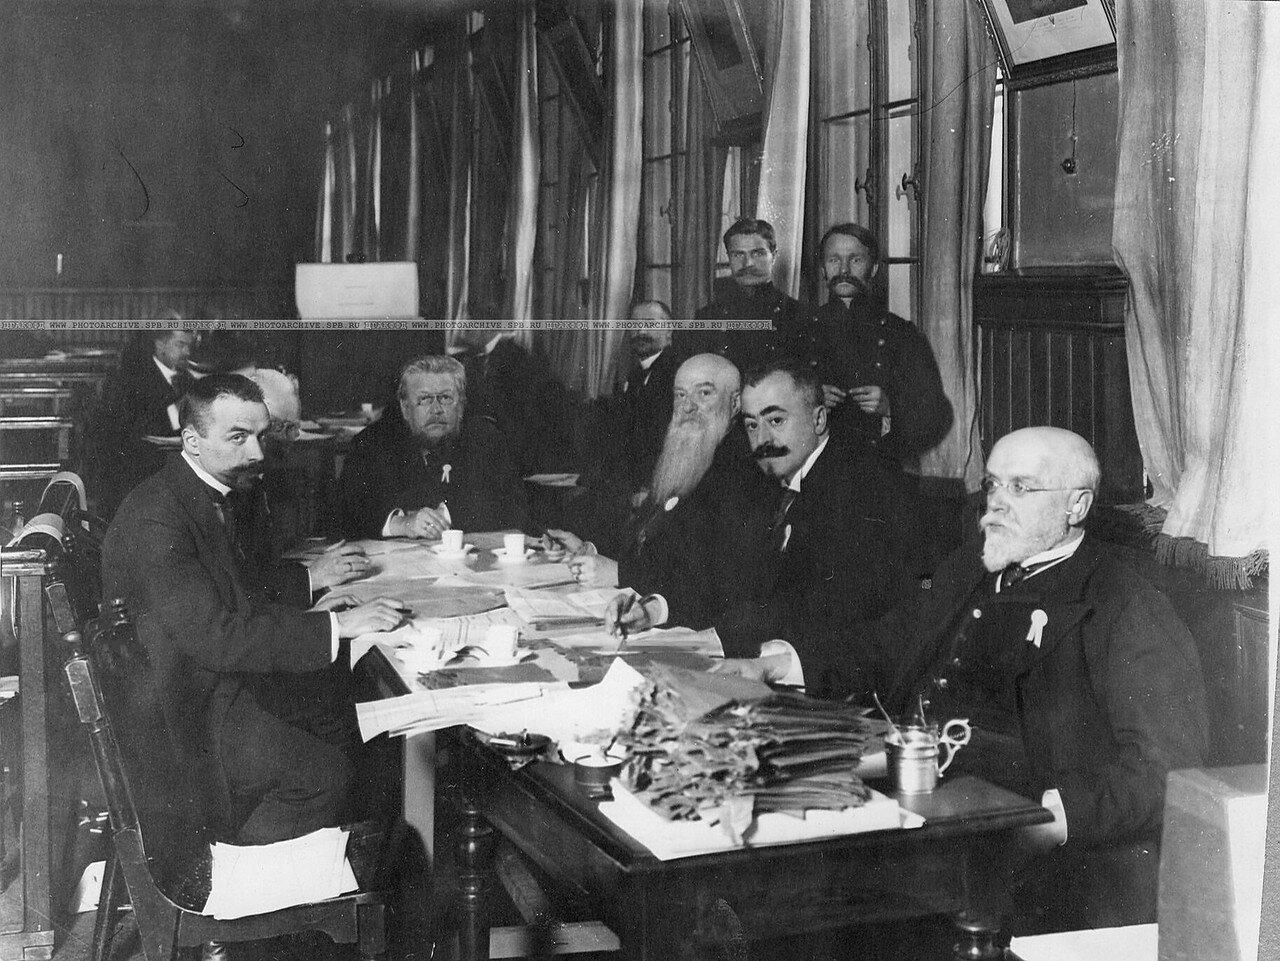 Подсчет голосов по Литейному городскому избирательному участку по второму разряду городских избирателей в день выборов в Четвертую Государственную думу. Октябрь 1912